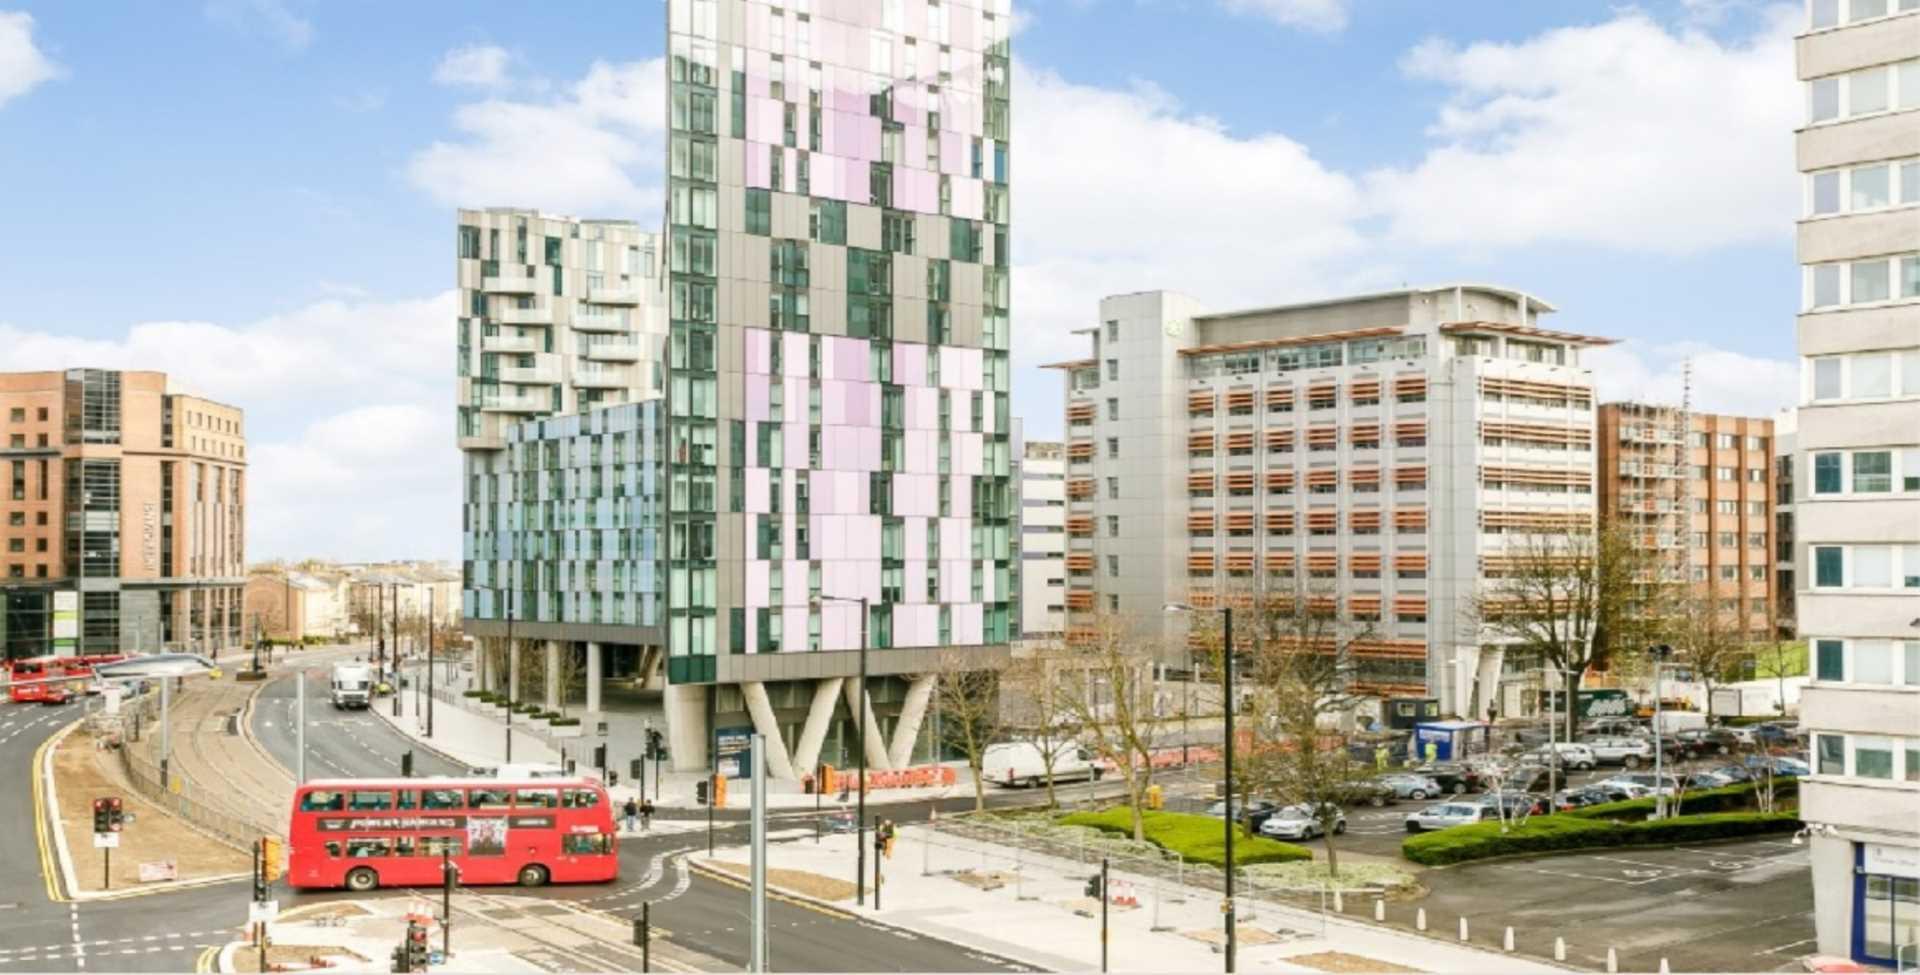 Pinnacle Apartments, Saffron Square, Central Croydon, Image 16